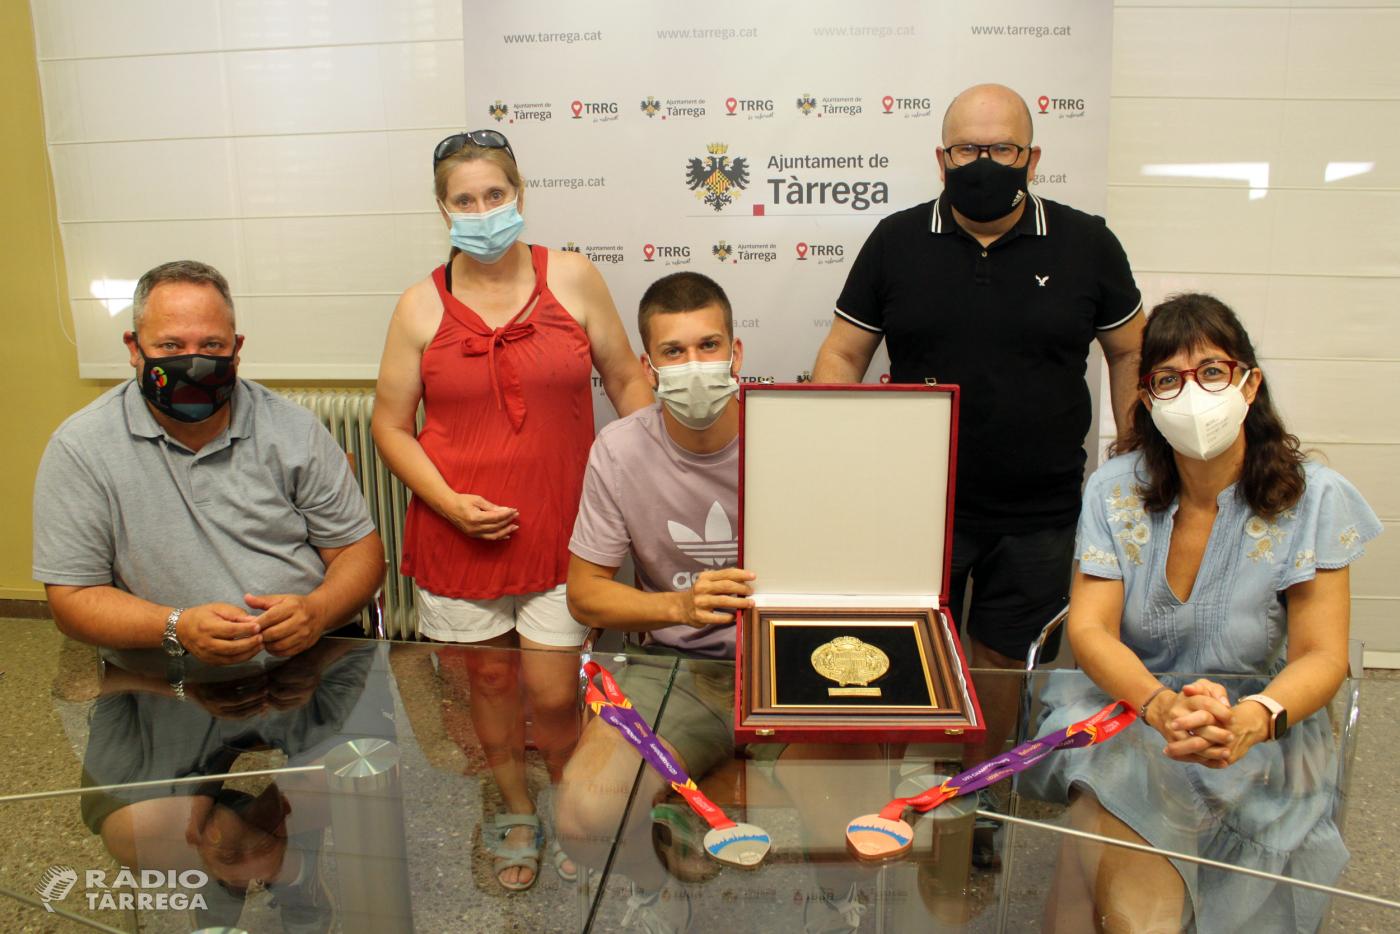 L'Ajuntament de Tàrrega rep l'atleta Arnau Monné després de guanyar dues medalles als campionats europeus sub-23